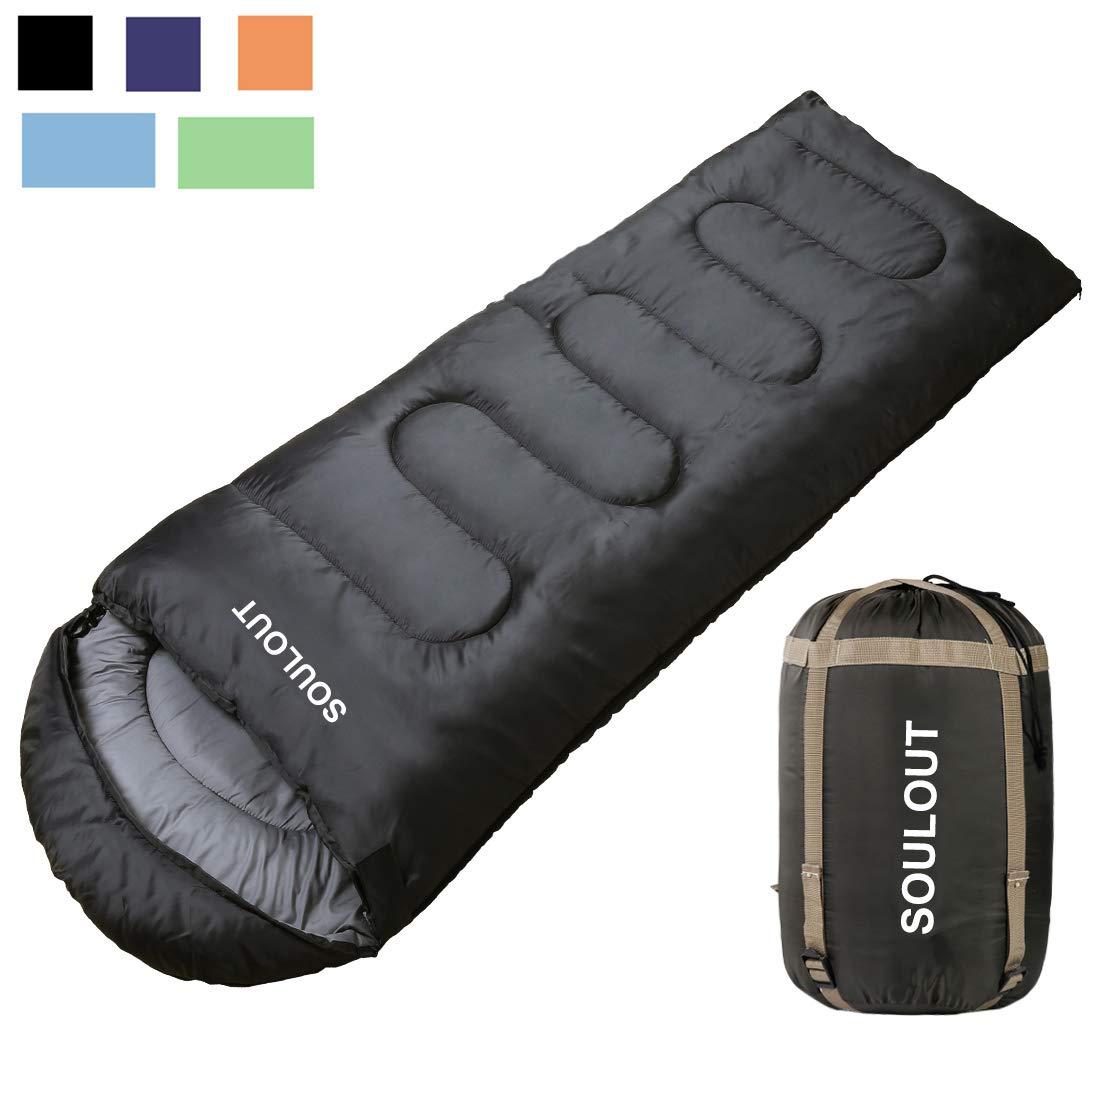 Envelope Sleeping Bag Lightweight Compression